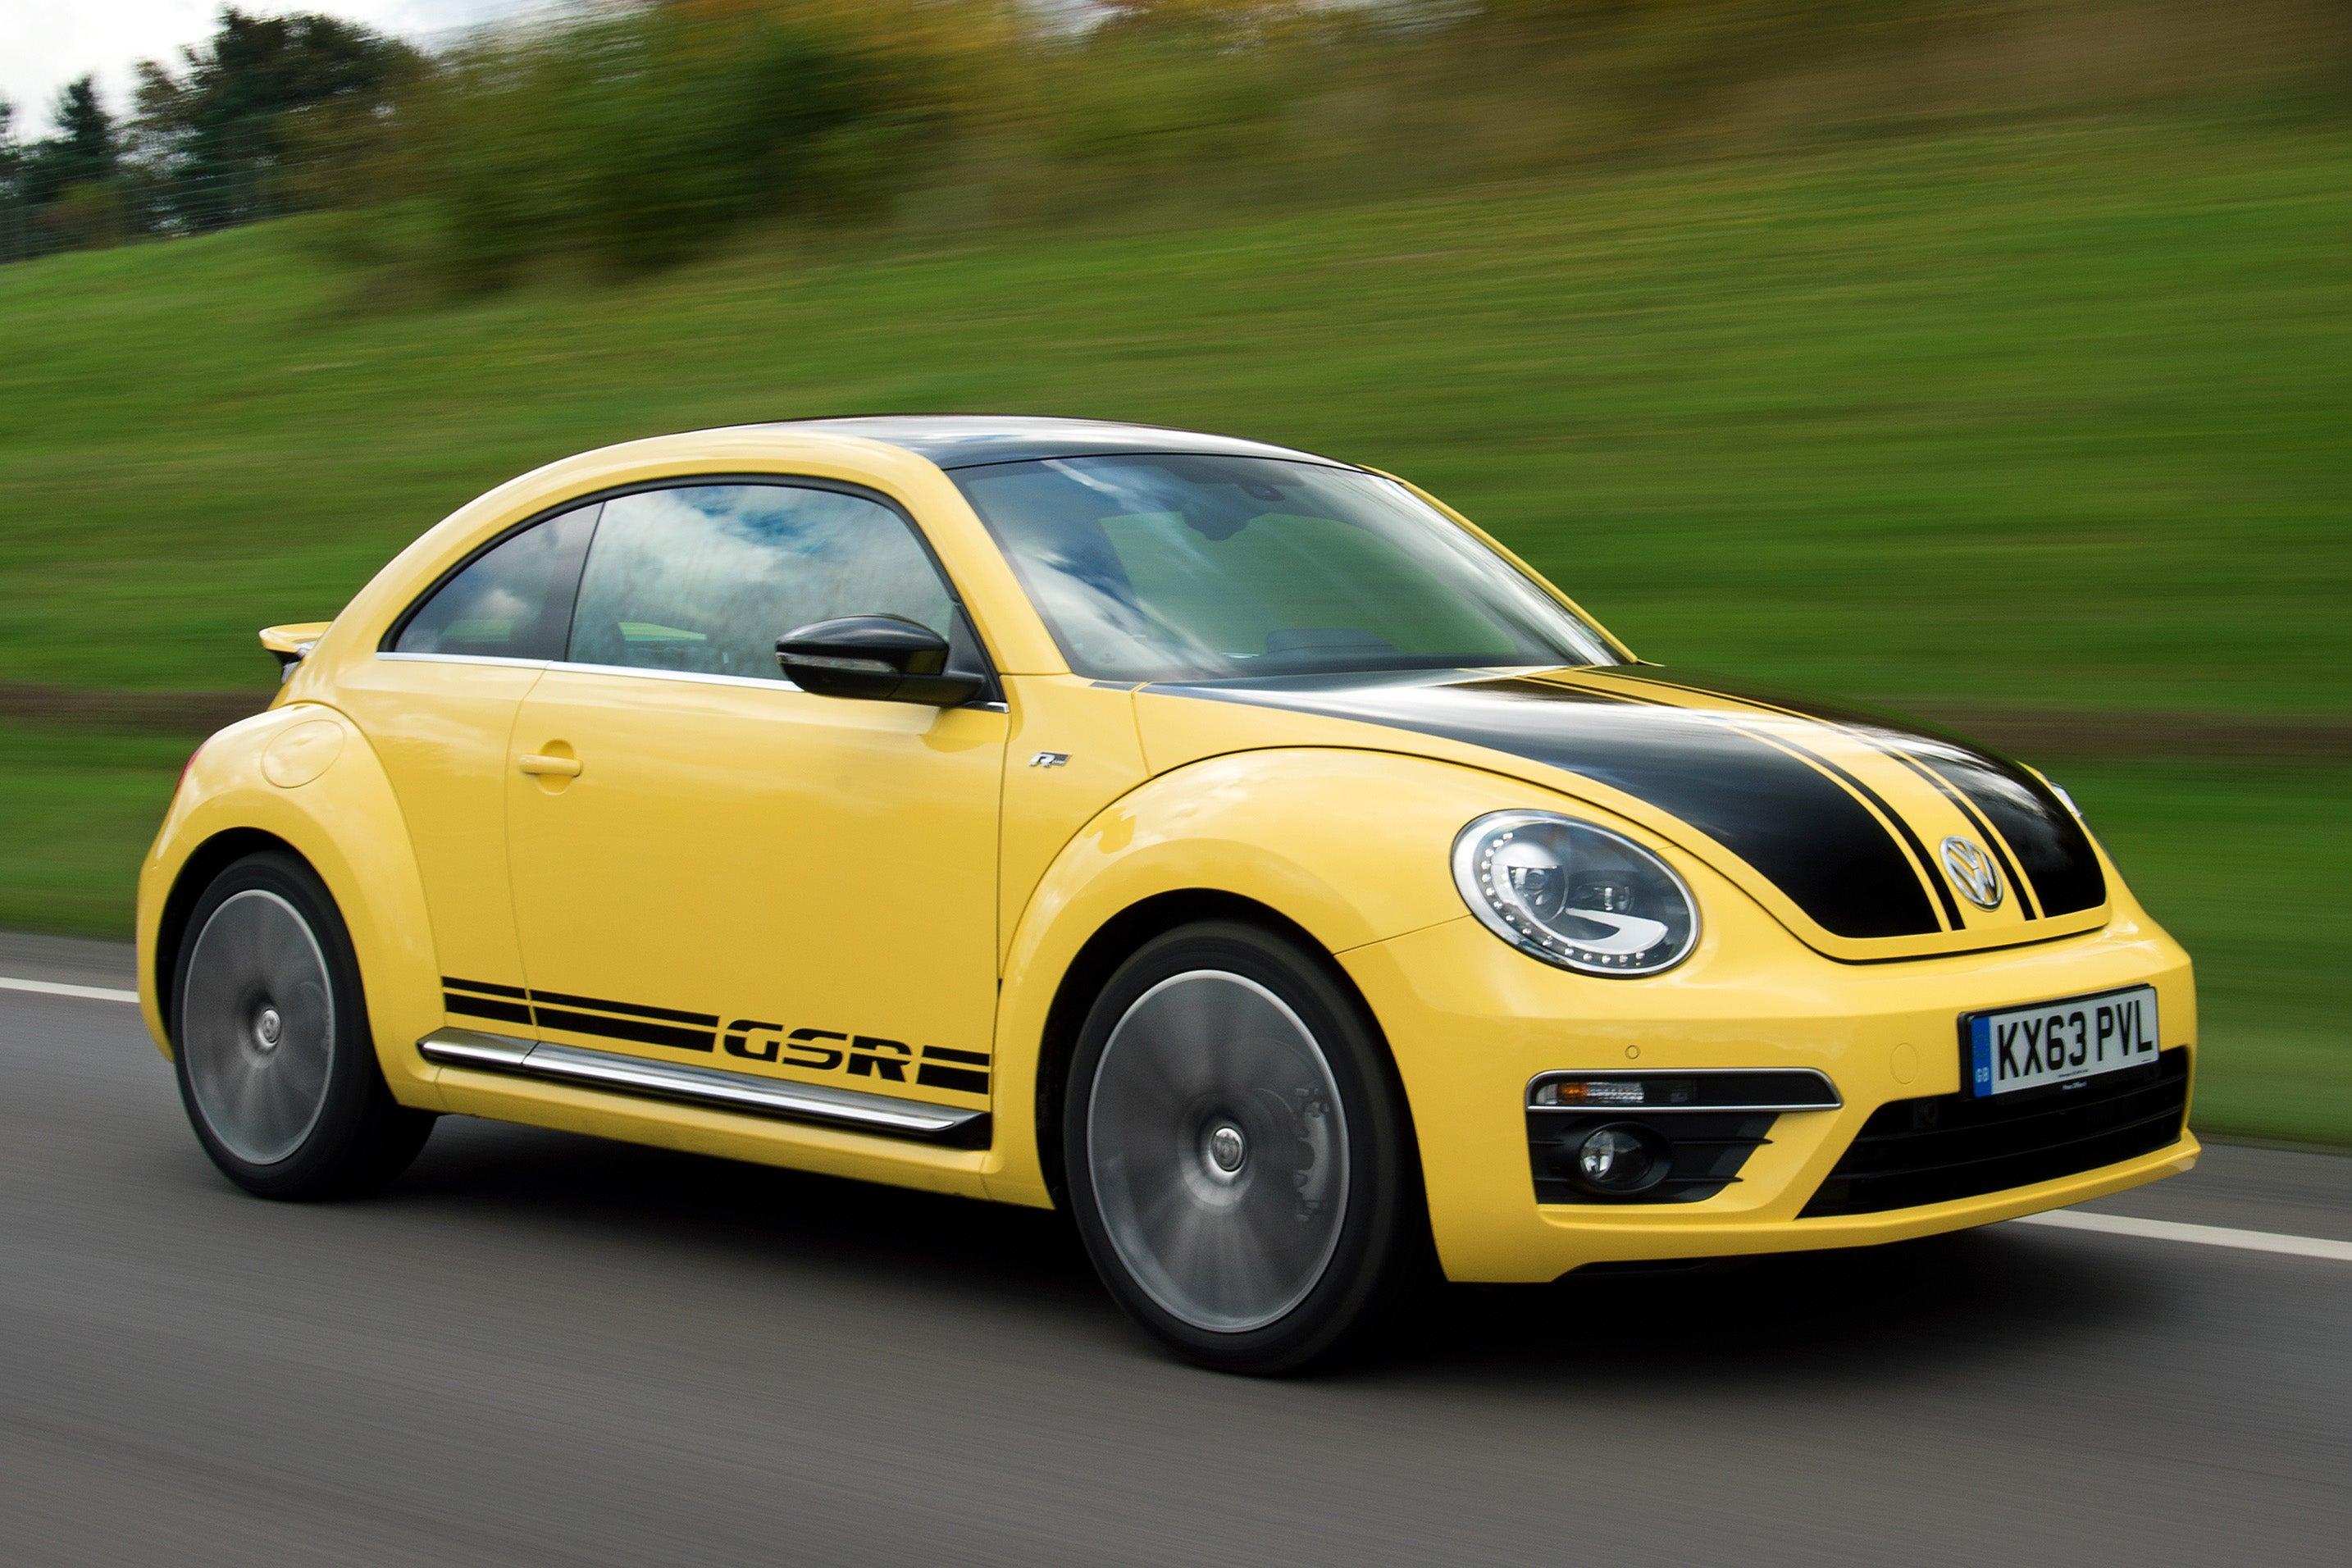 Volkswagen Beetle Front Side View